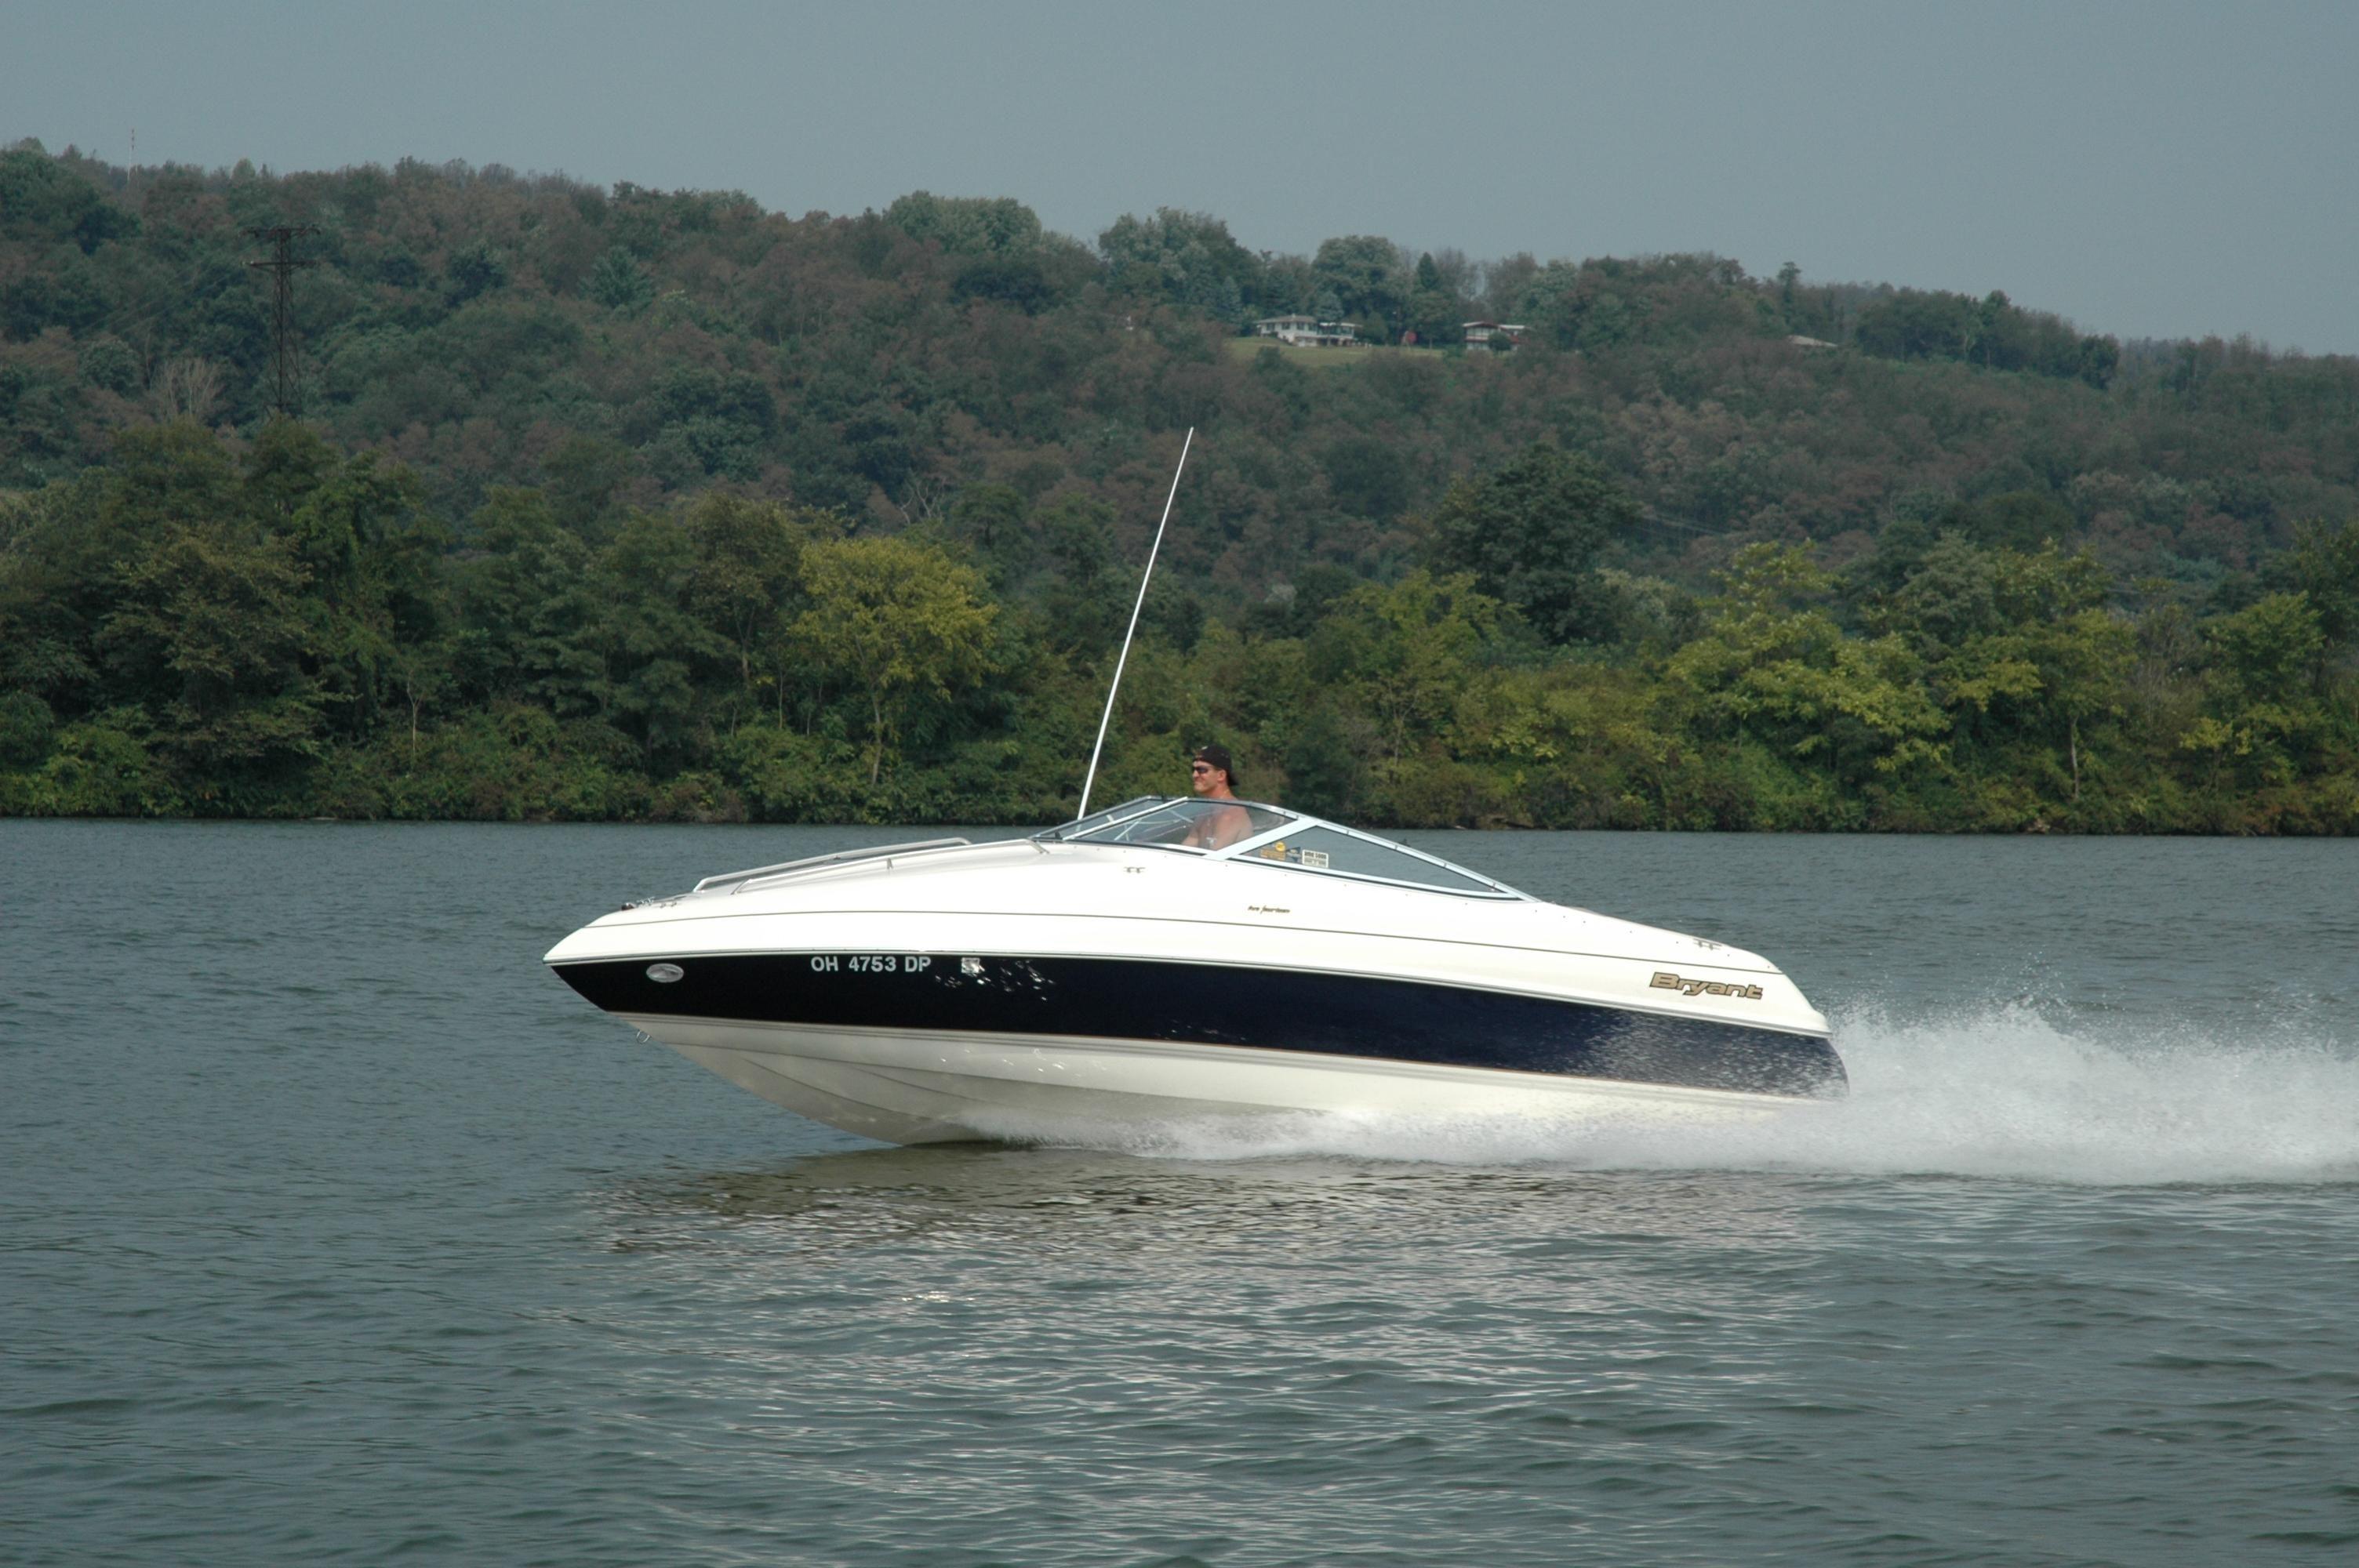 2003 Bryant 214 Cuddy Power Boat For Sale www.yachtworld.com #5C6040